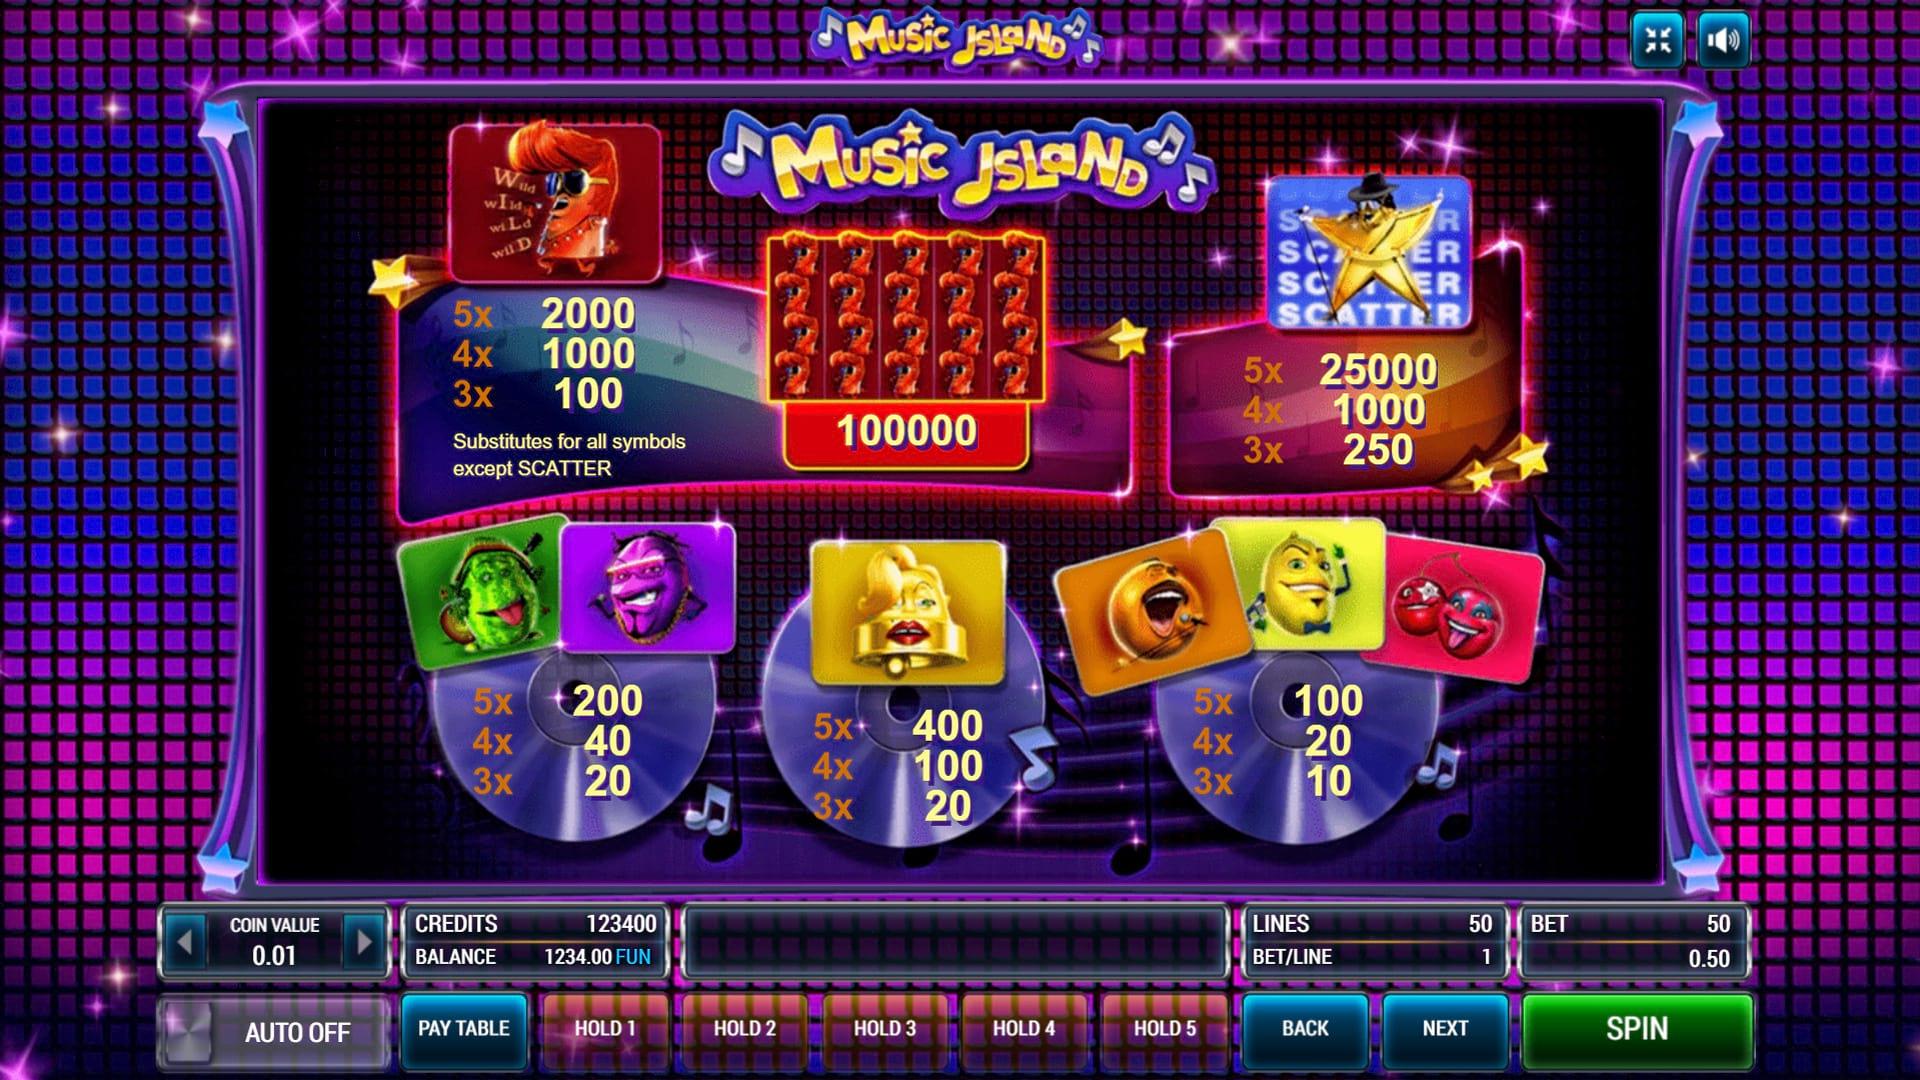 Изображение игрового автомата Music Island 3